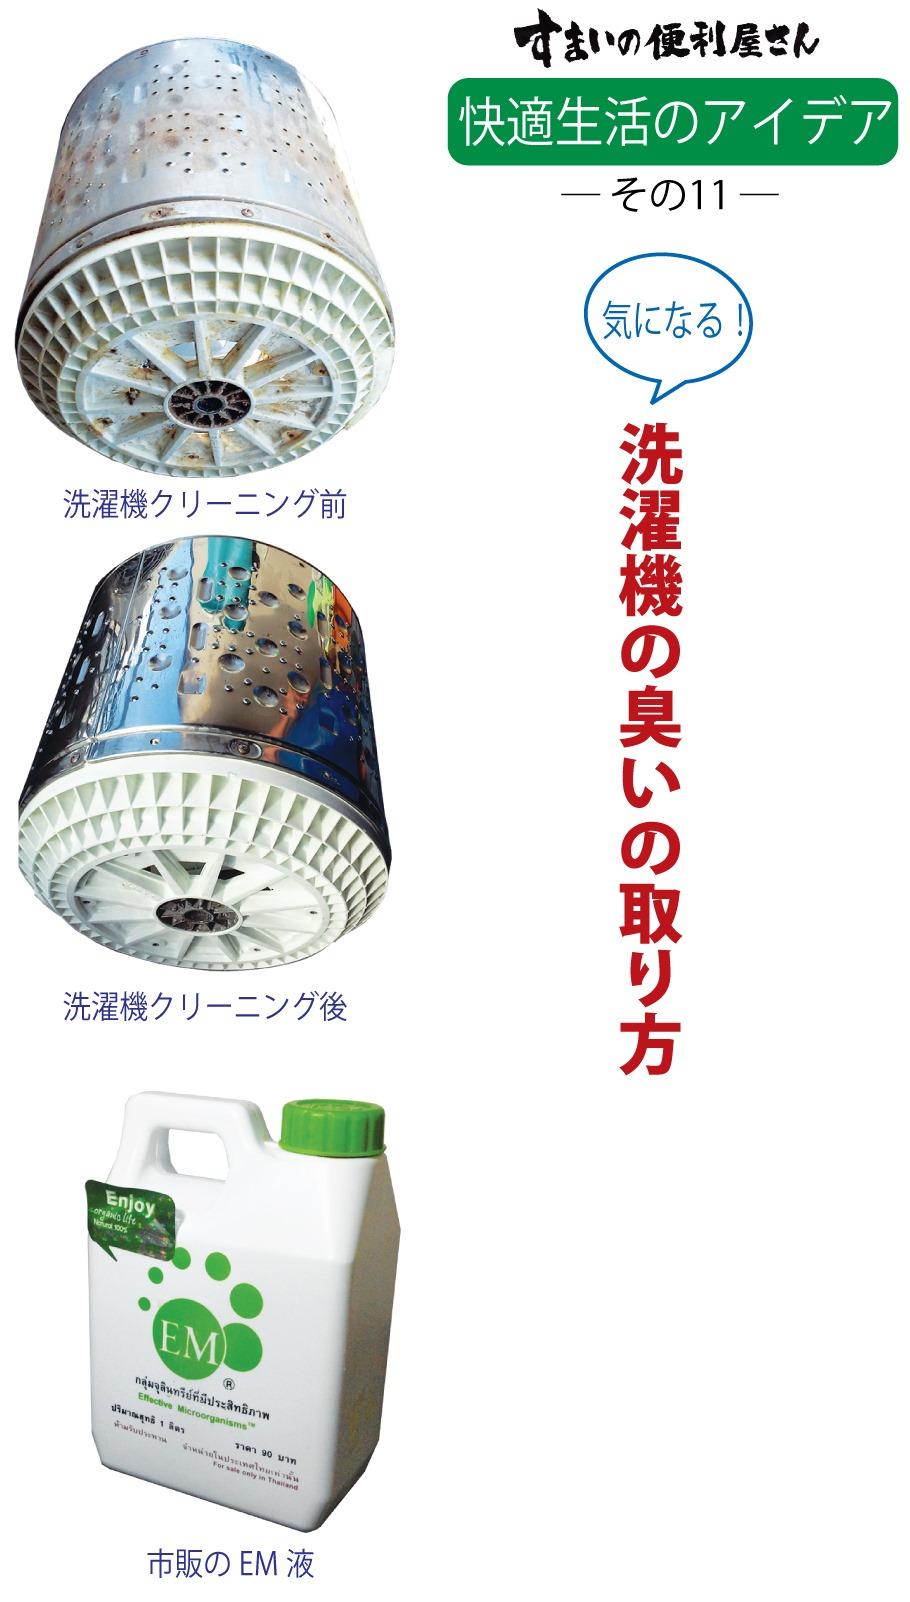 「すまいの便利屋さん」の洗濯機の臭いの取り方